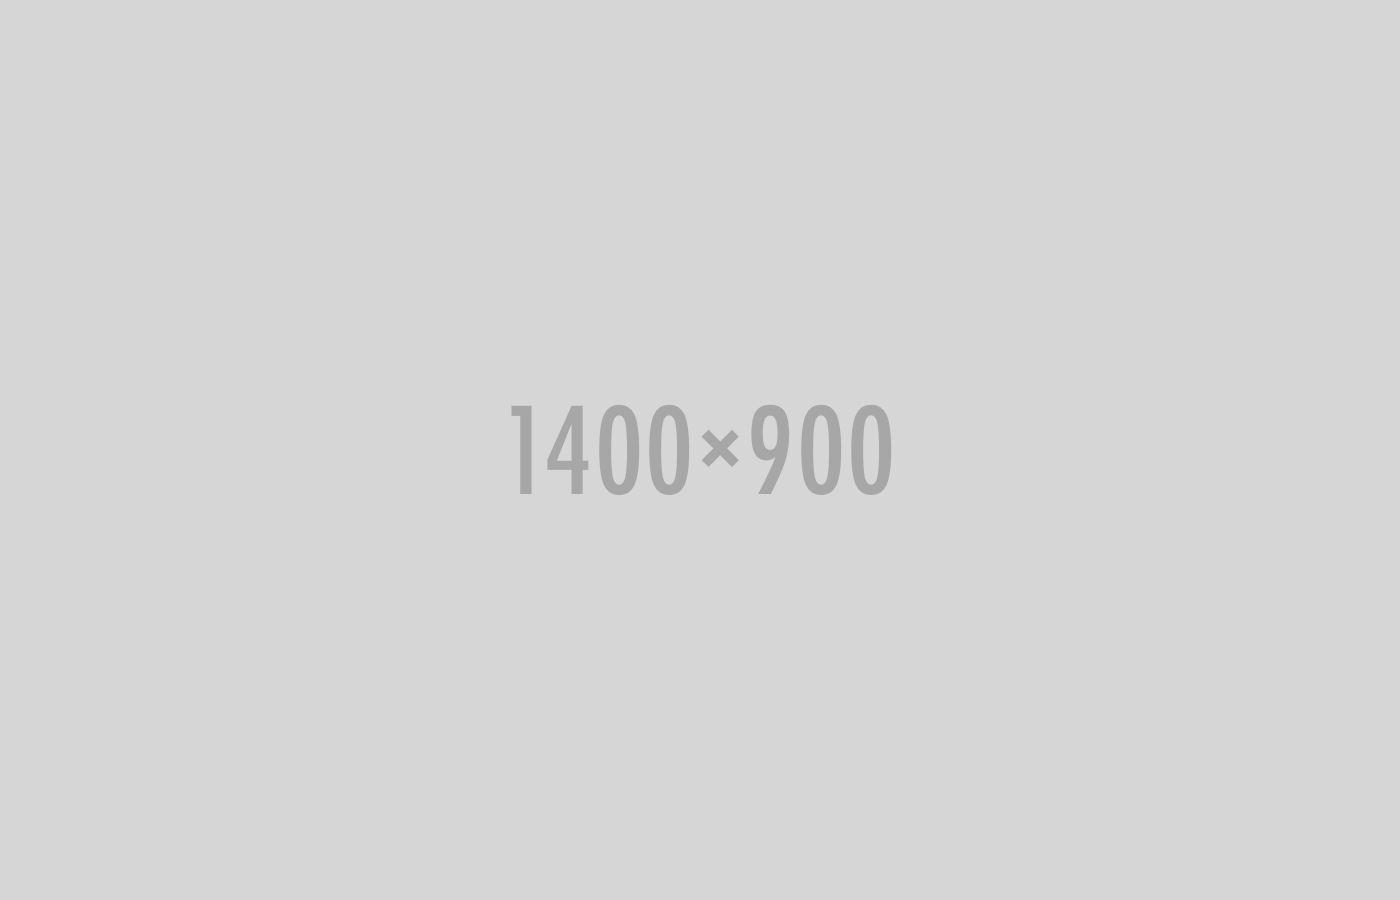 fullpage-cat03-image03